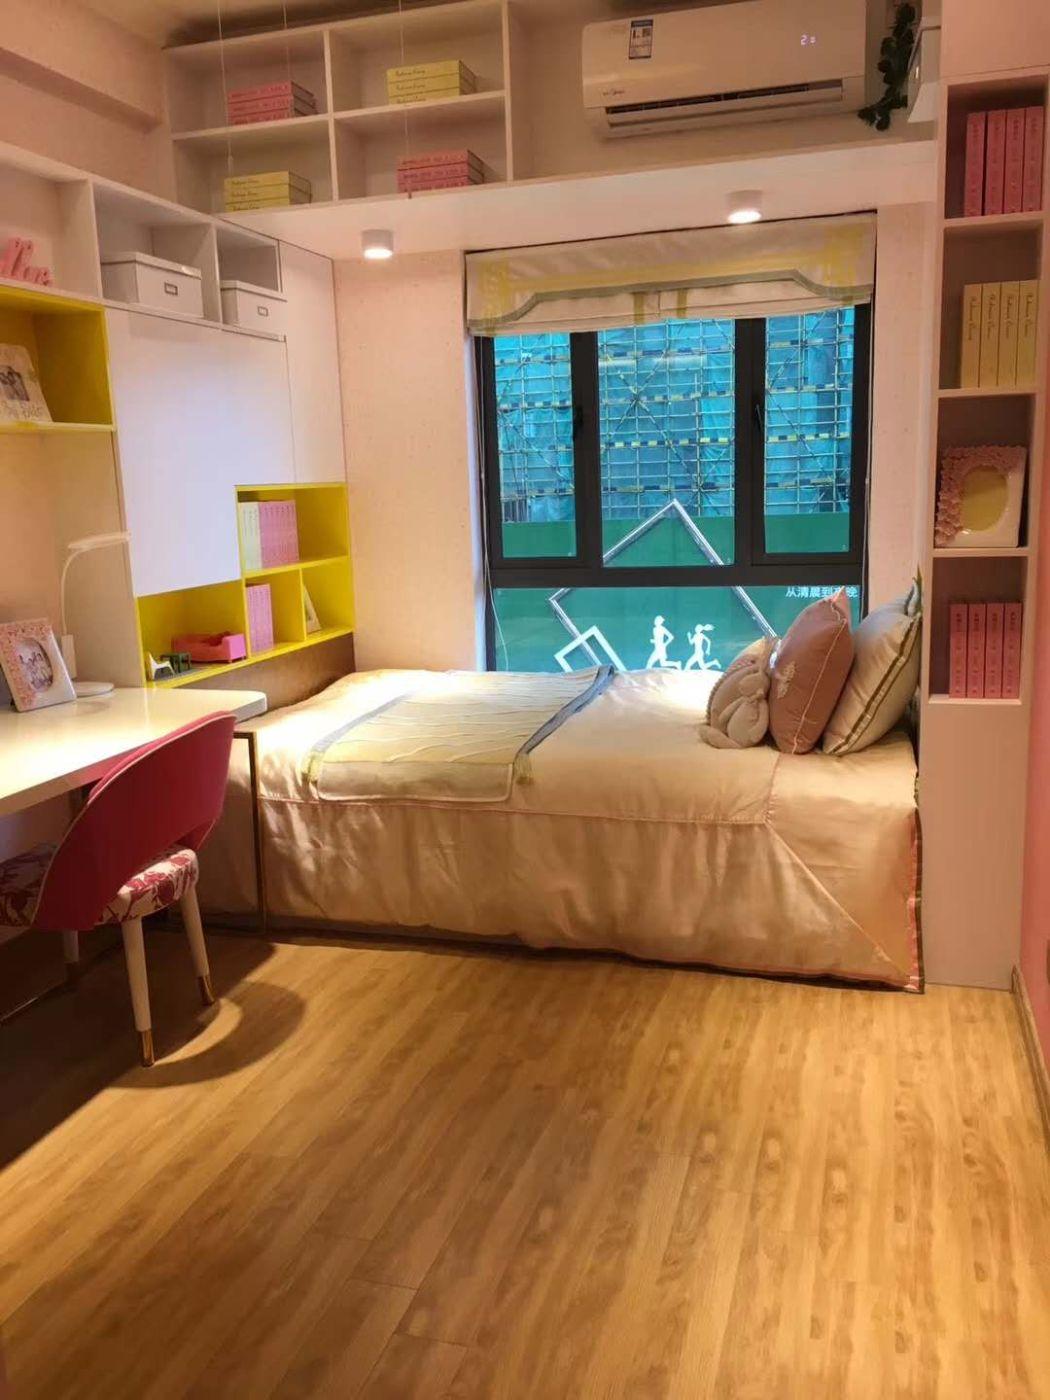 花园小区询盘急售,幸福里 80万 3室2厅2卫 精装修!